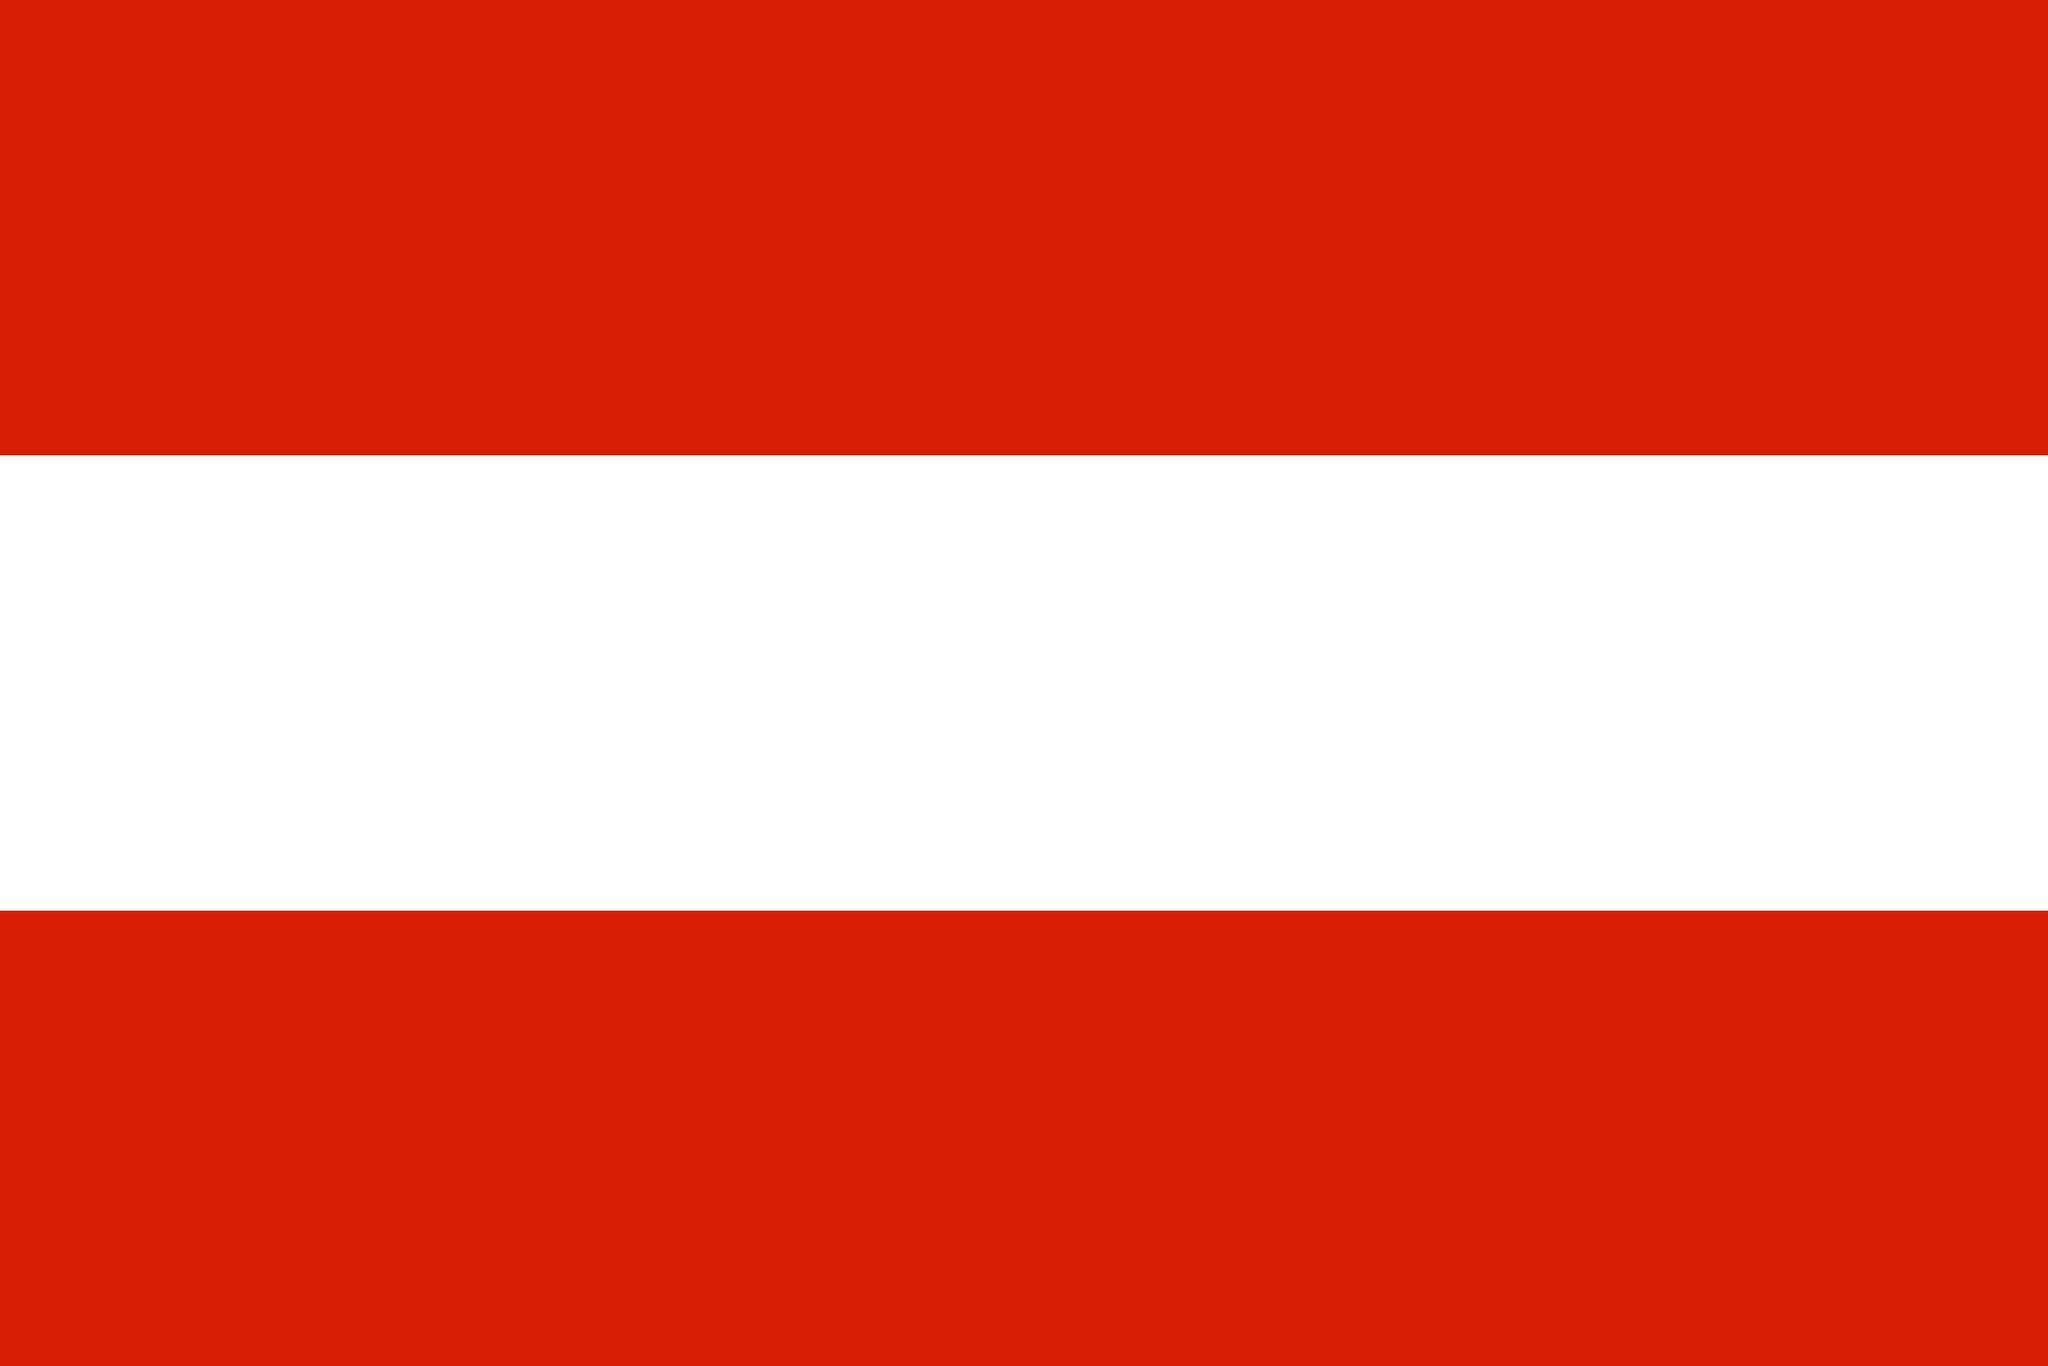 romania flag romania flags of countries romania pinterest